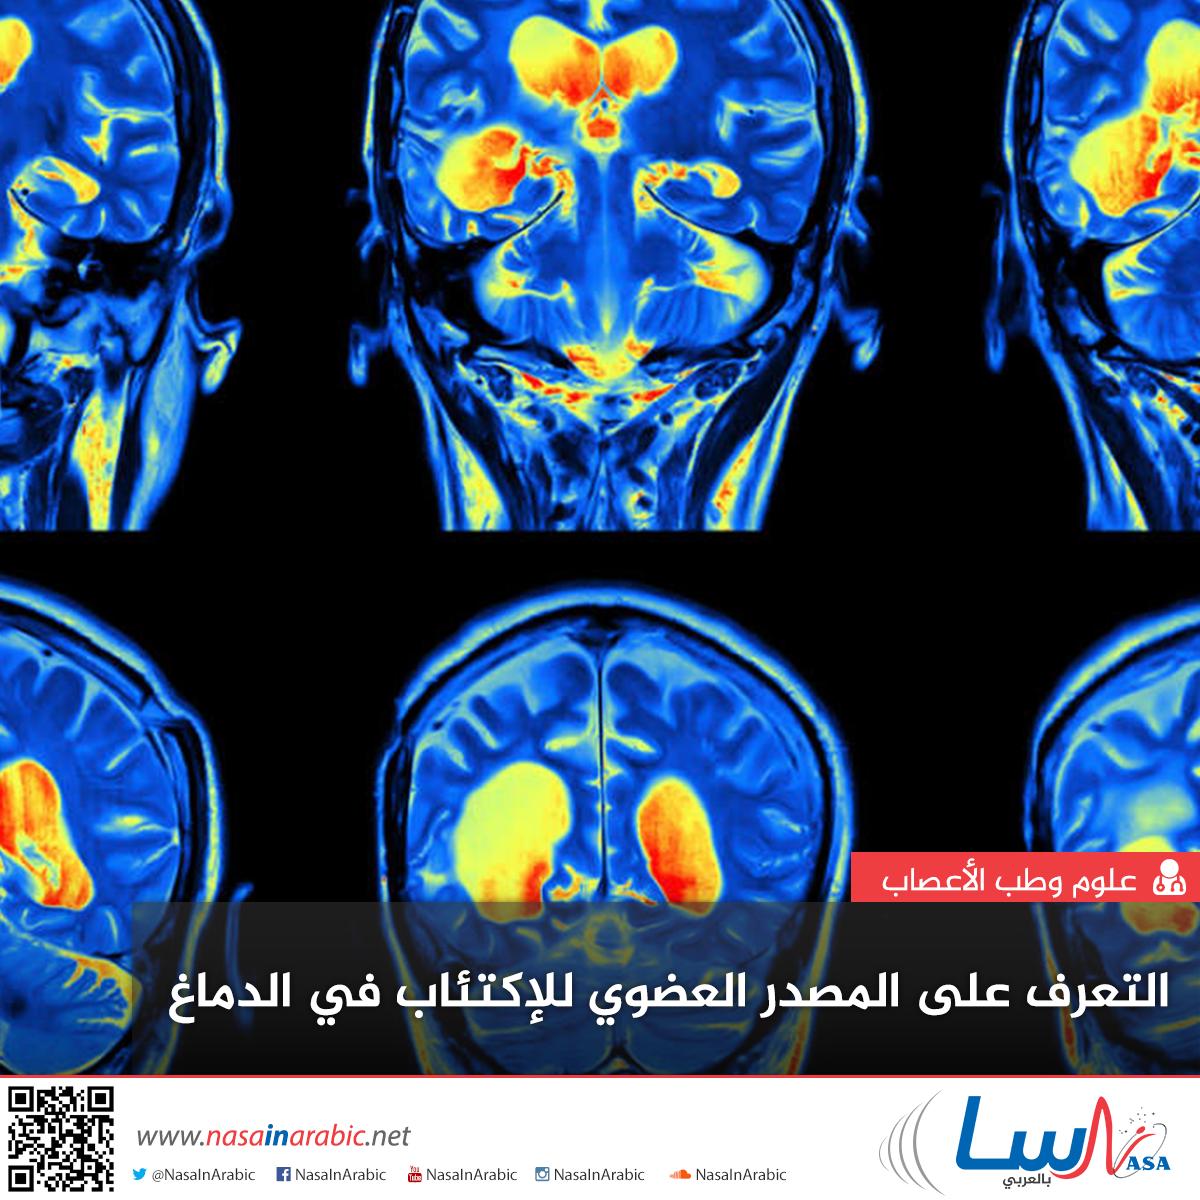 التعرف على المصدر العضوي للاكتئاب في الدماغ